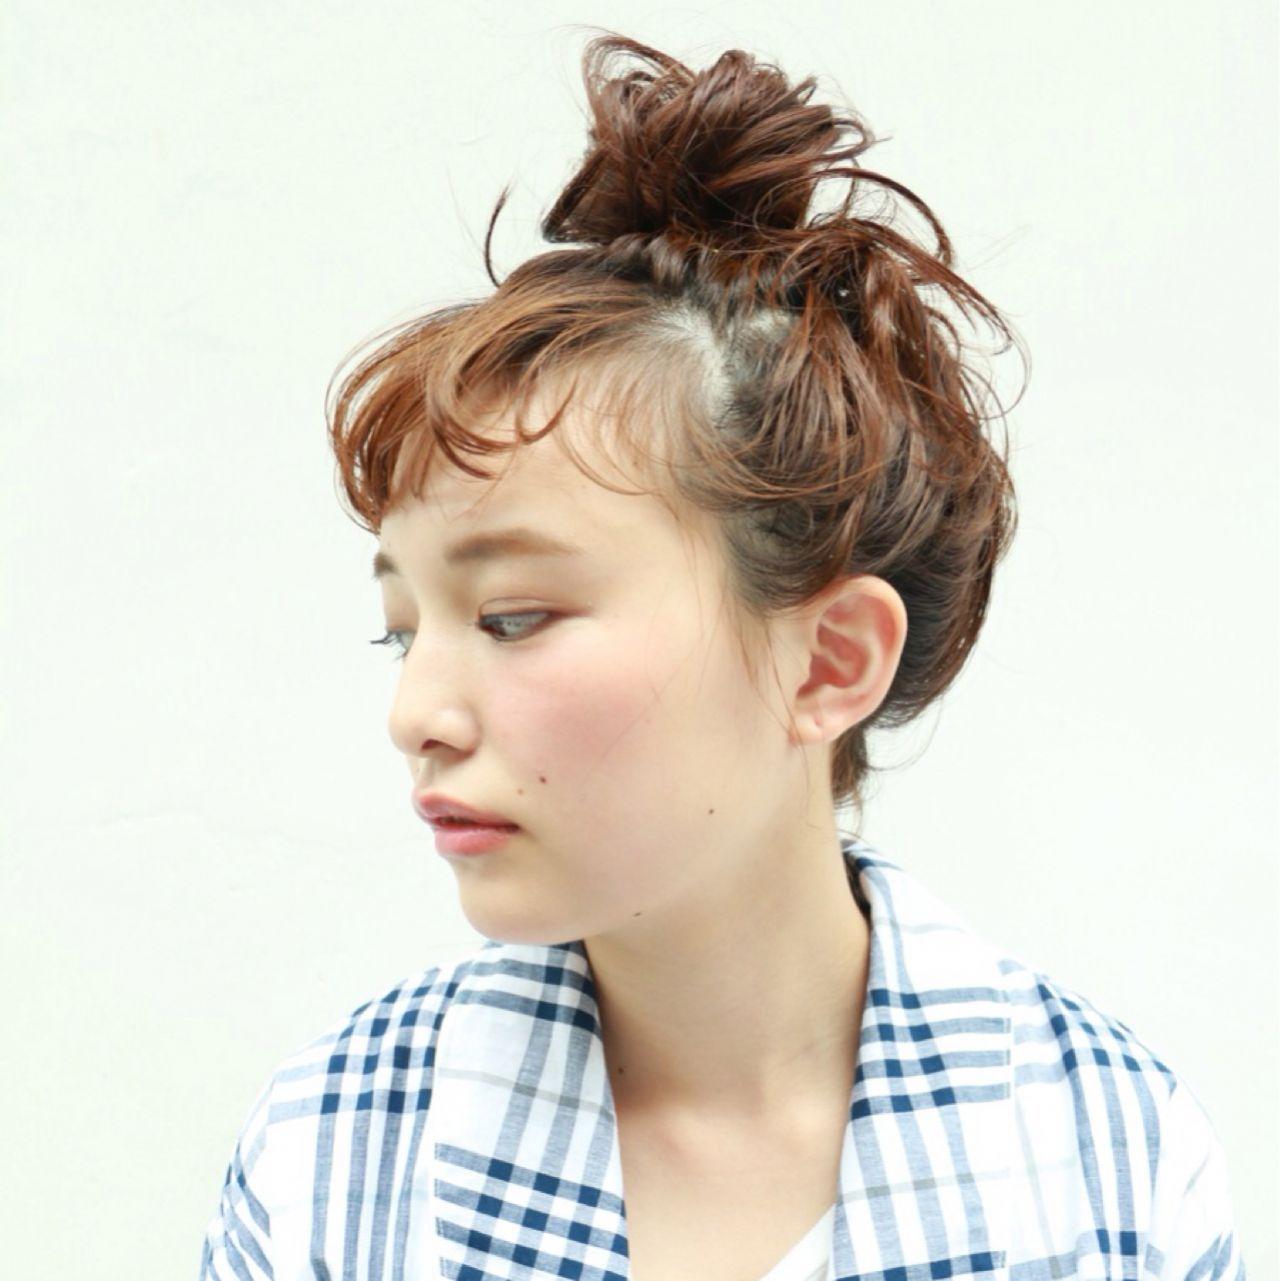 パンク お団子 ショート ストリート ヘアスタイルや髪型の写真・画像